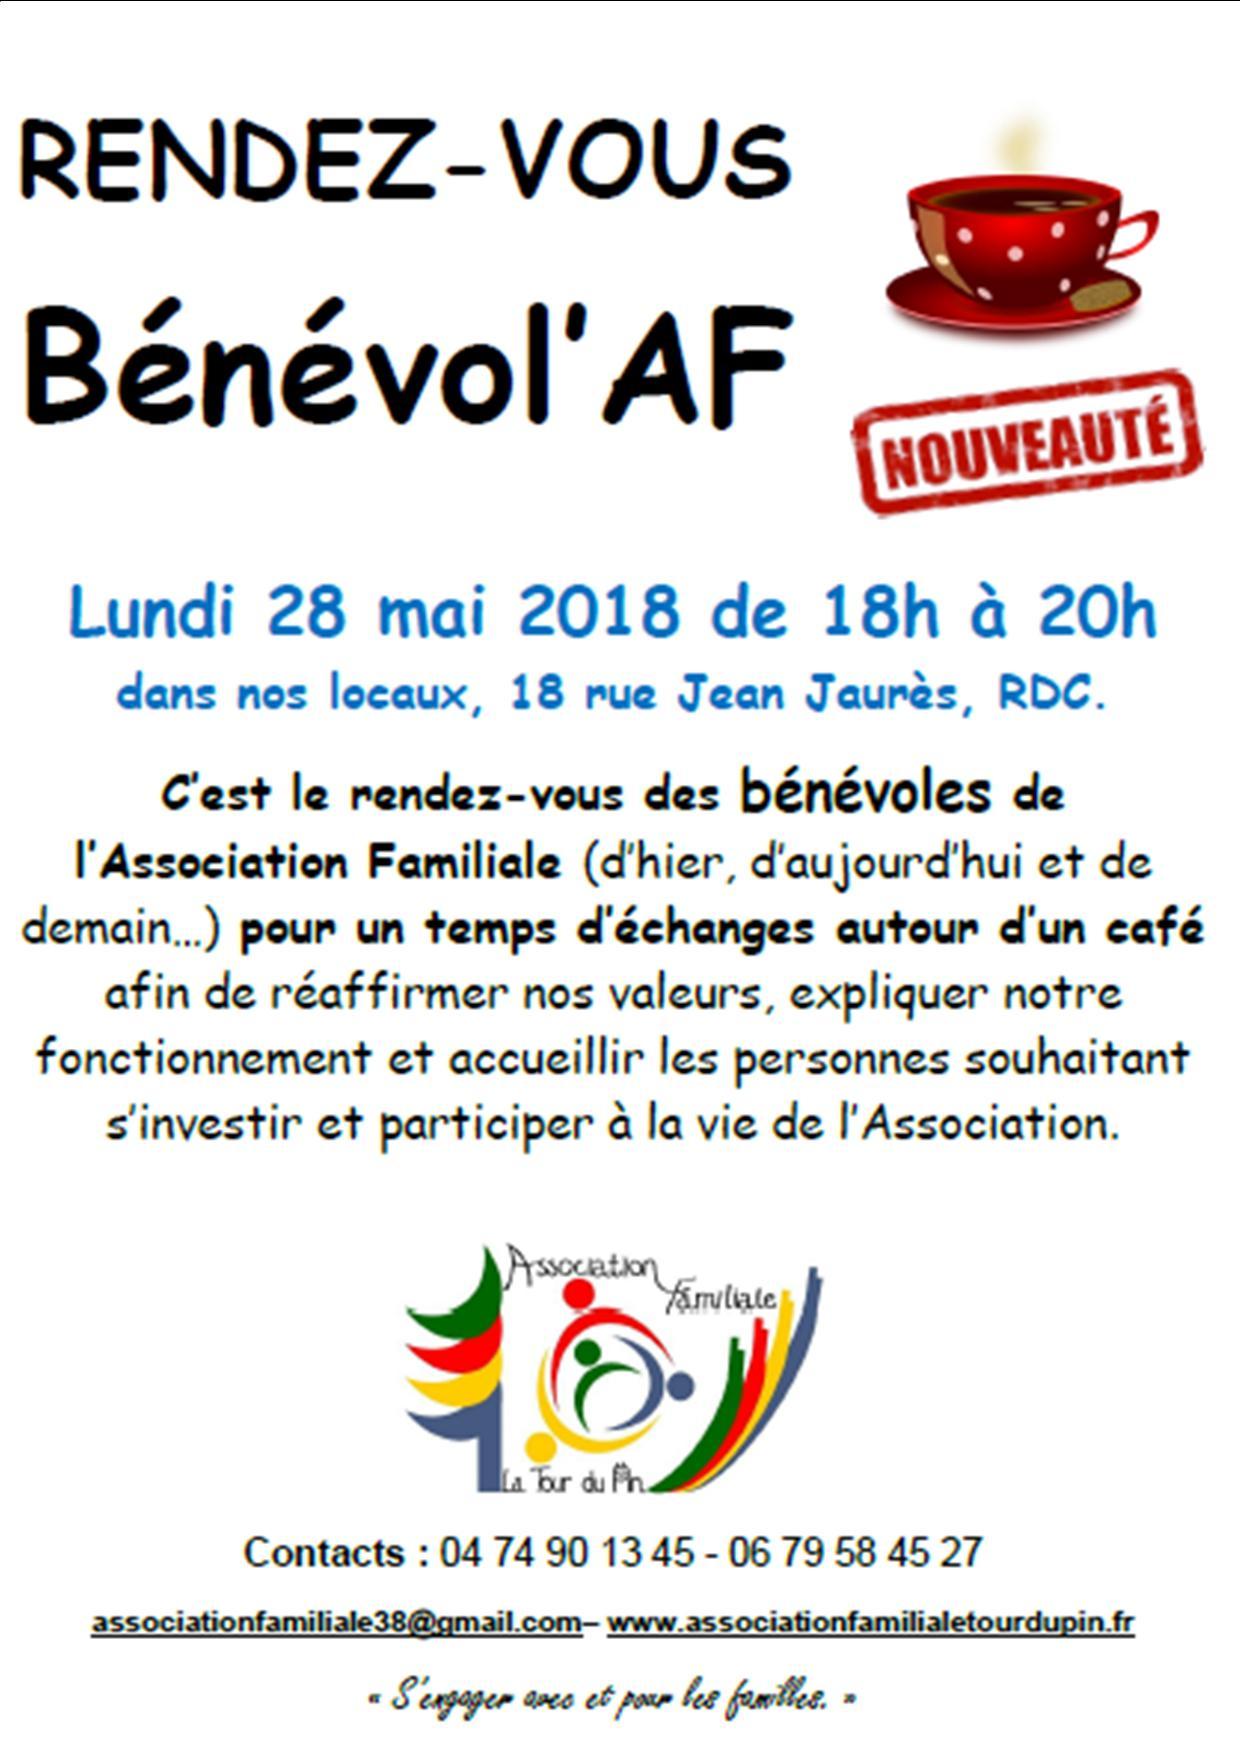 Affiche benevol af 1ere date 28 mai 2018